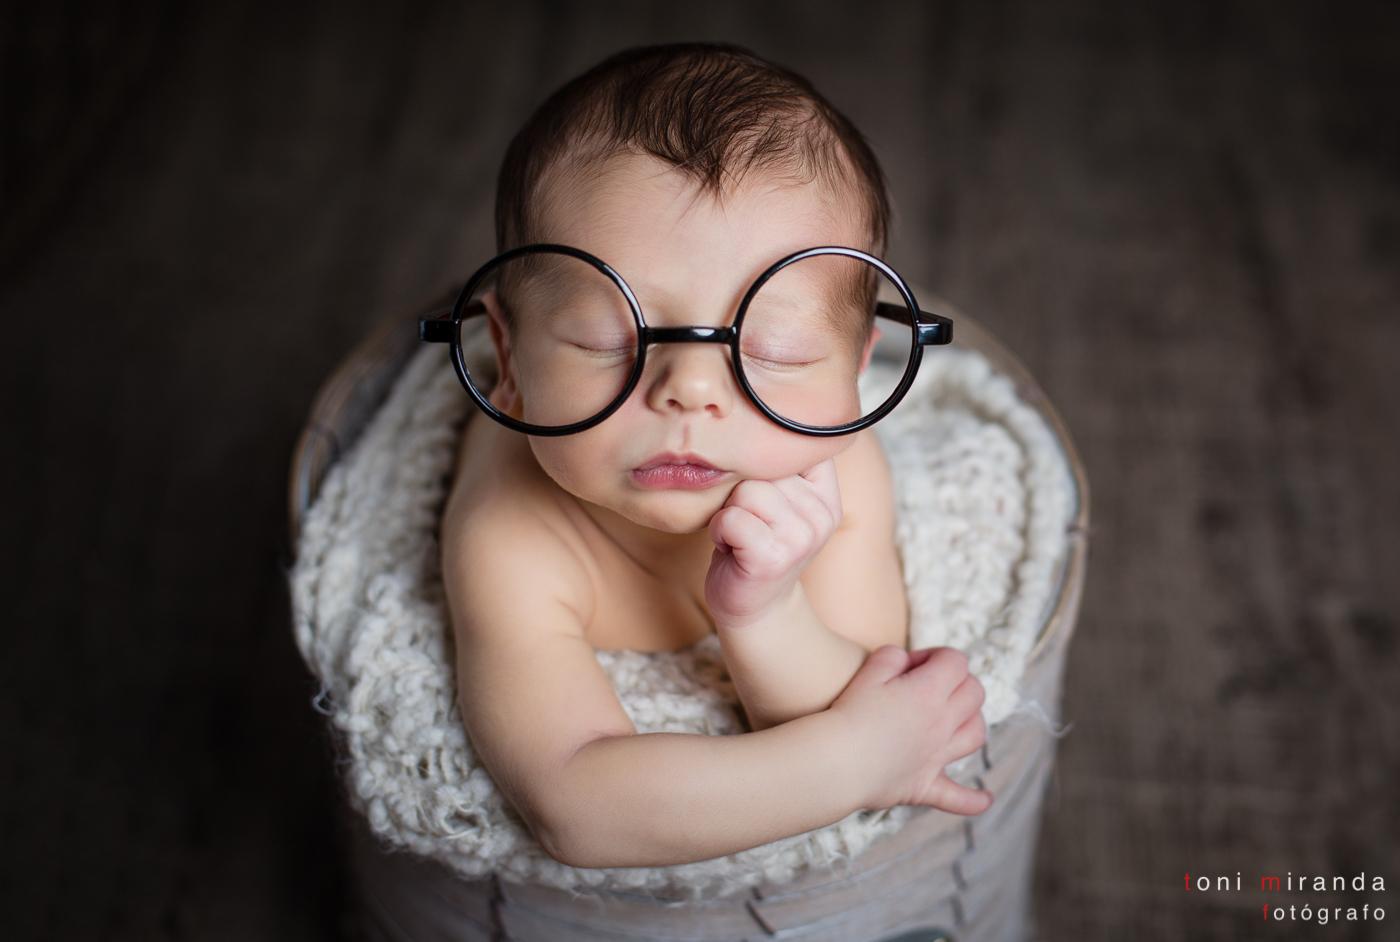 bebe con gafas